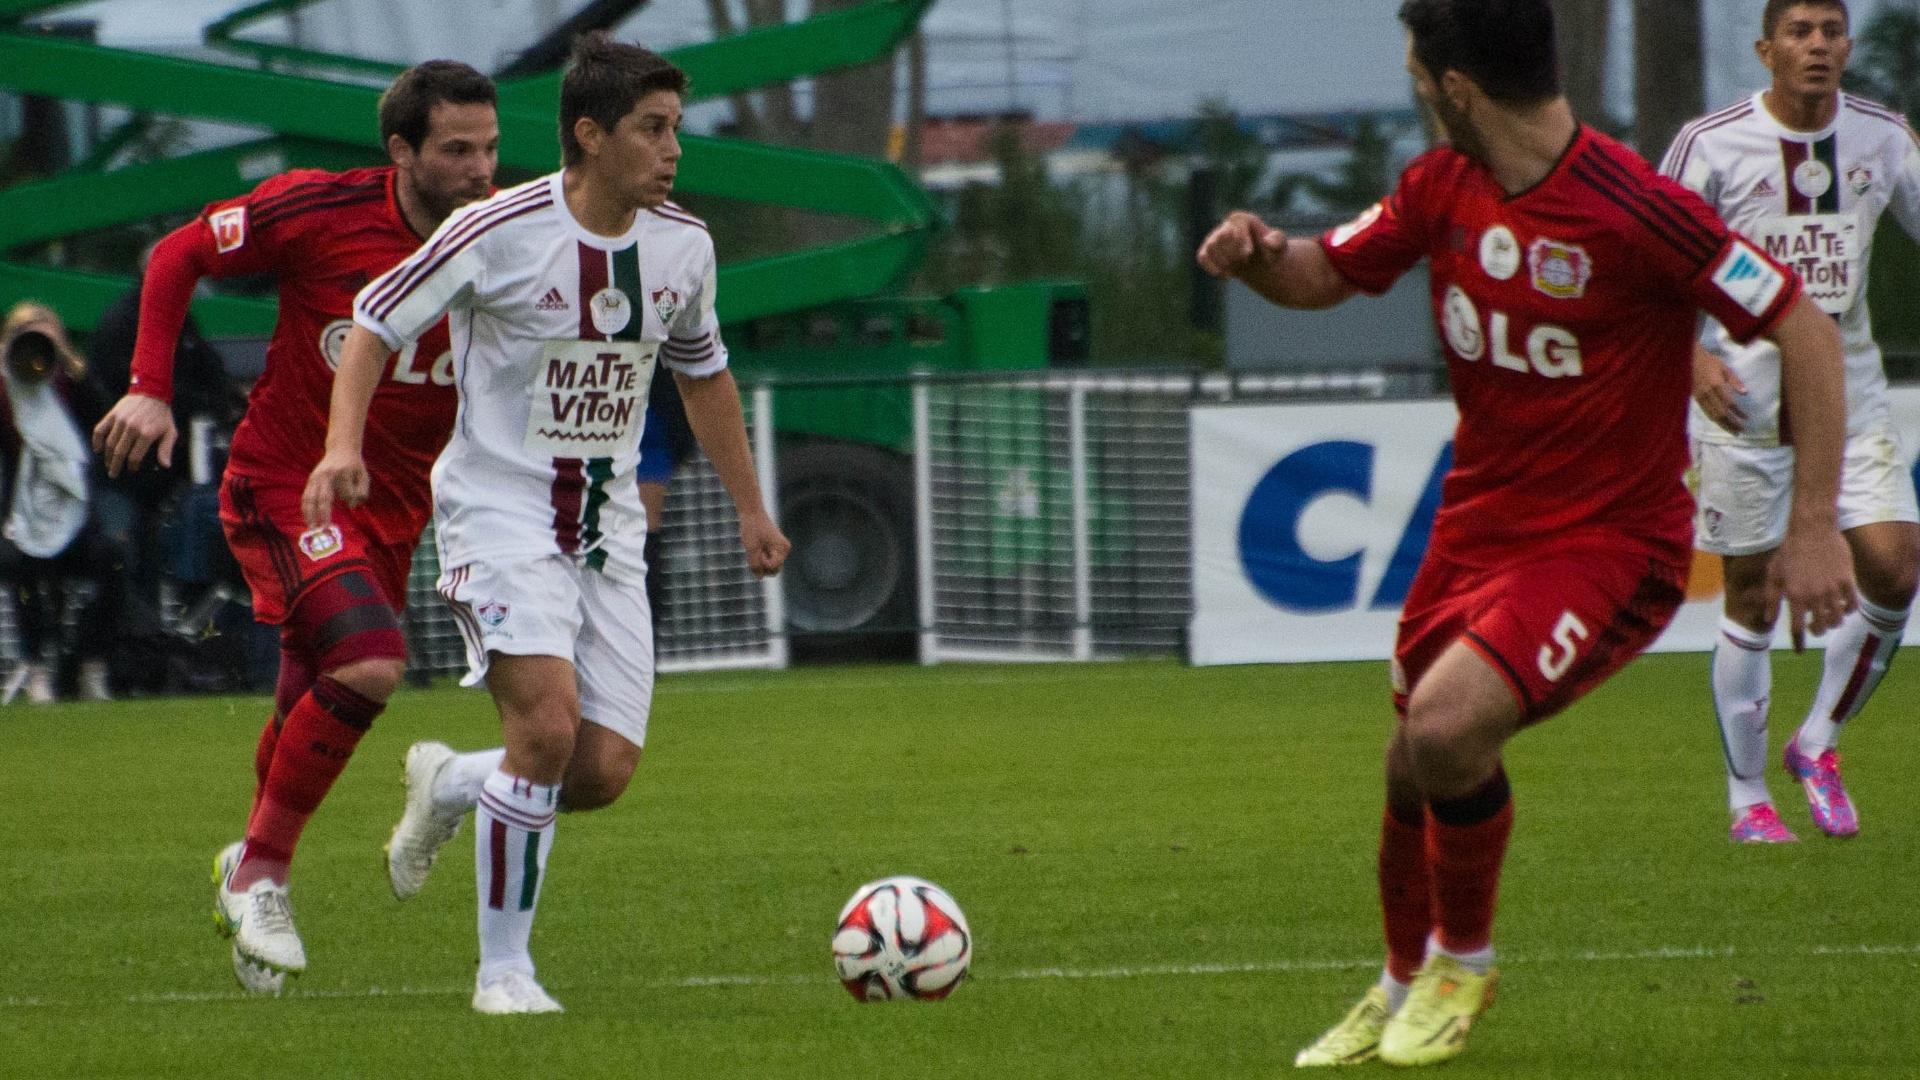 Meia do Fluminense Conca domina a bola cercado por jogadores do Bayer Leverkusen na Florida Cup